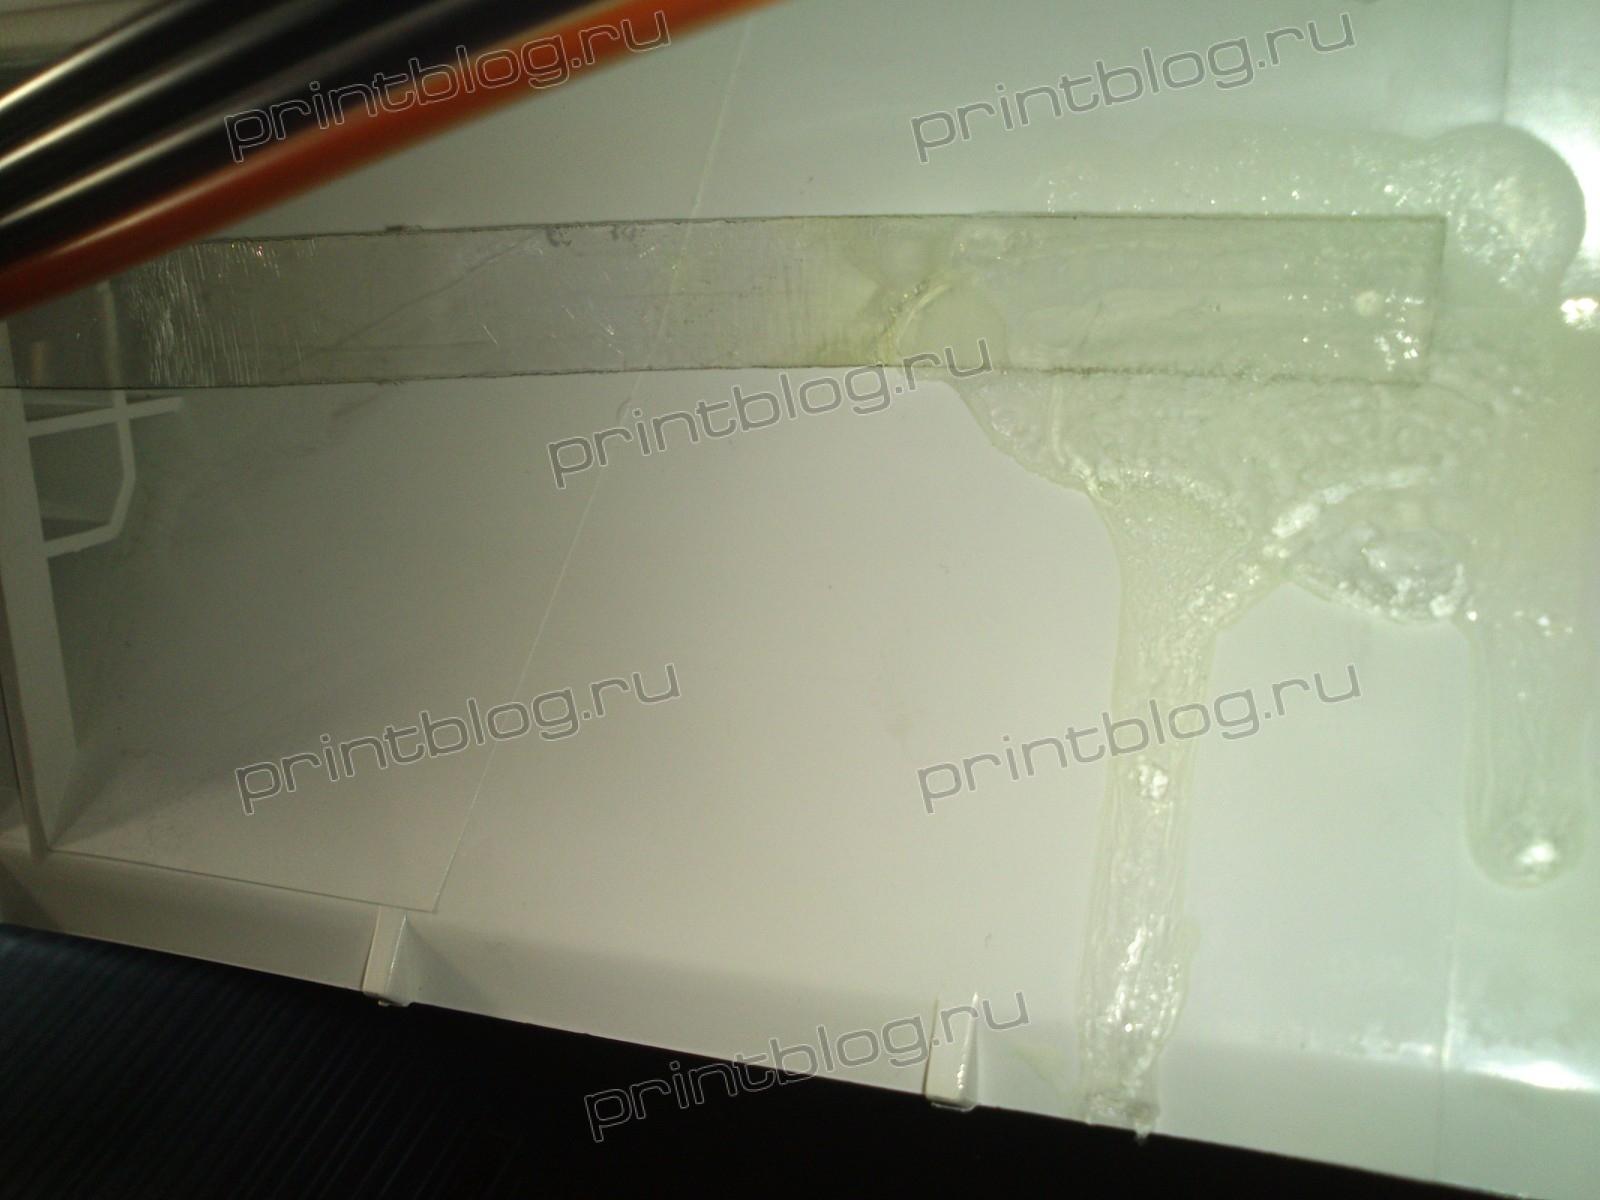 СНПЧ (система непрерывной пода чернил) для HP Designjet T120, T125, T130, T520, T525, T530 (картриджи hp 711)